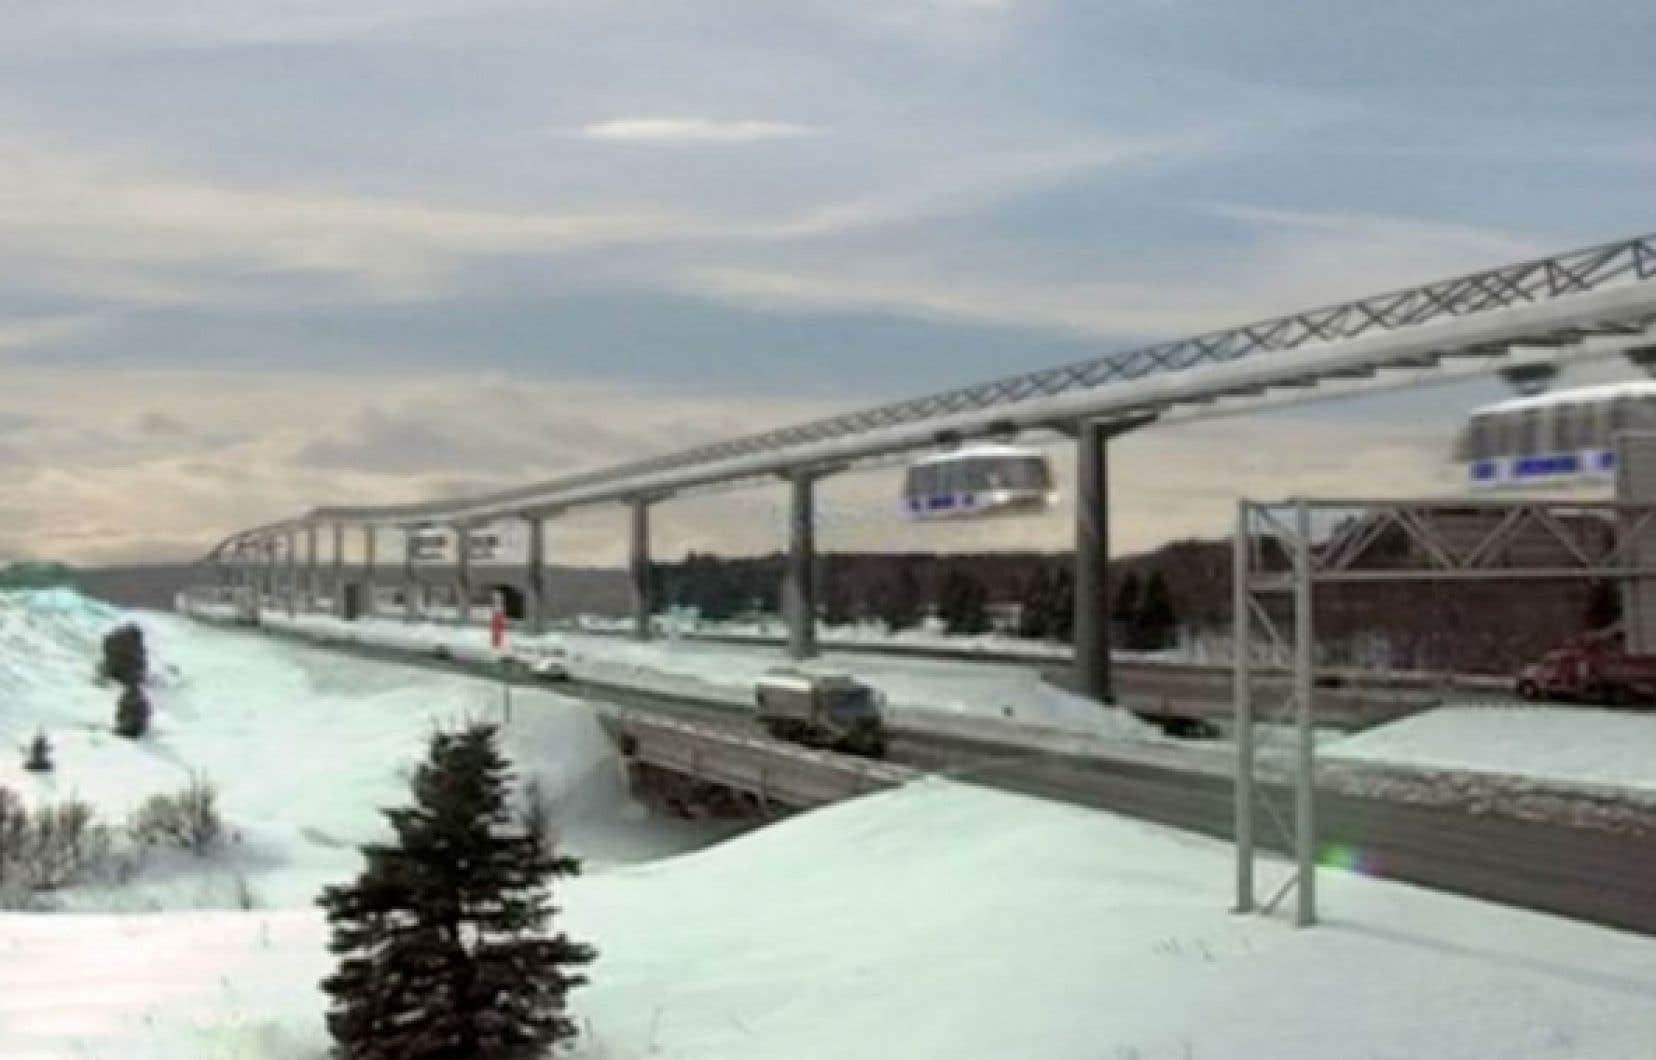 Le trajet Québec-Montréal ne coûterait que 40 $ d'électricité.